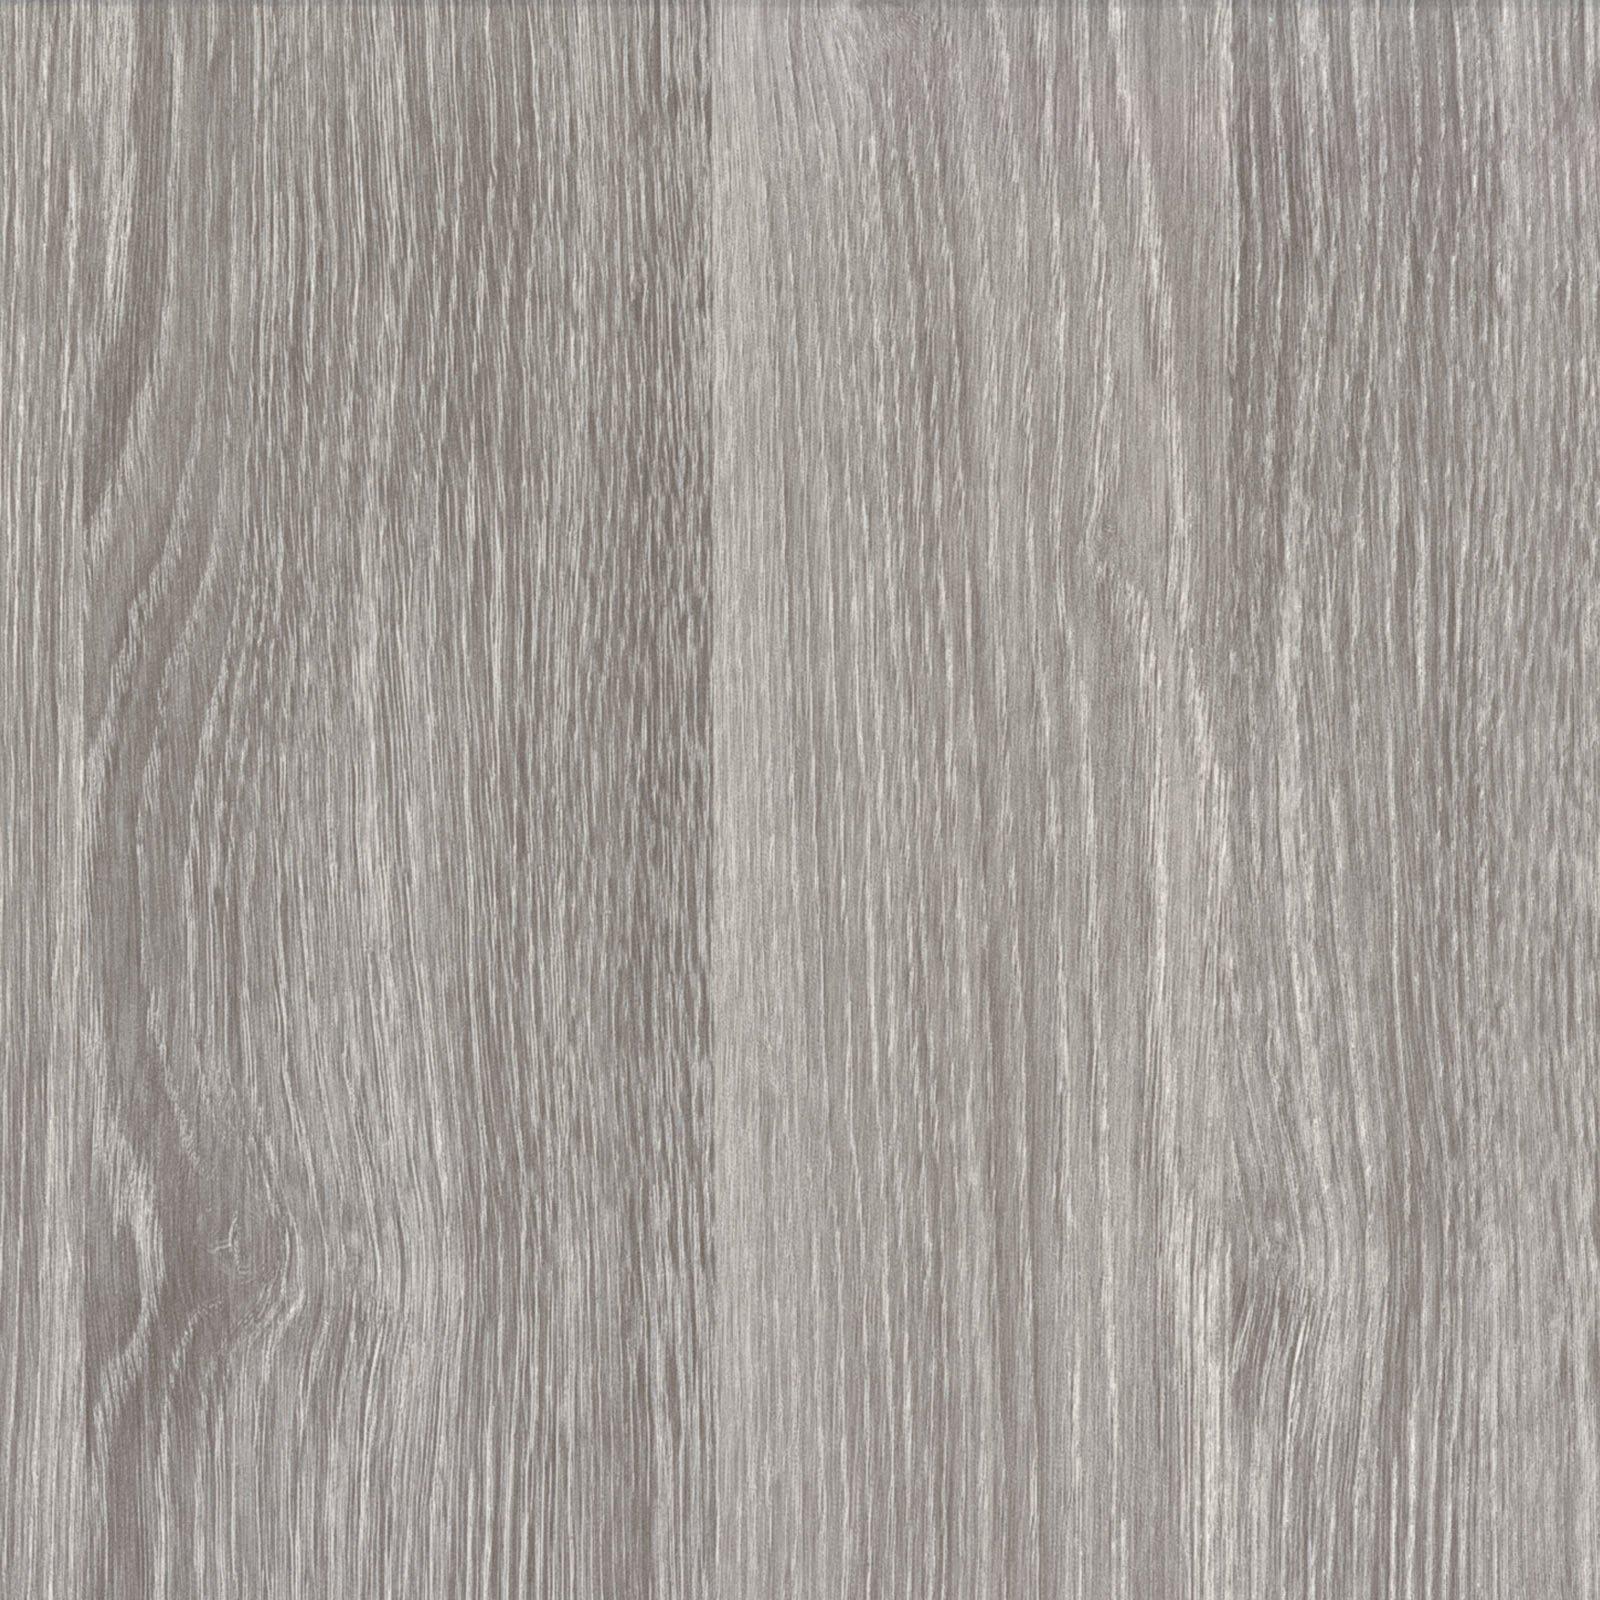 D c klebefolie sheffield grau 90x210 cm dekor for Klebefolie grau matt